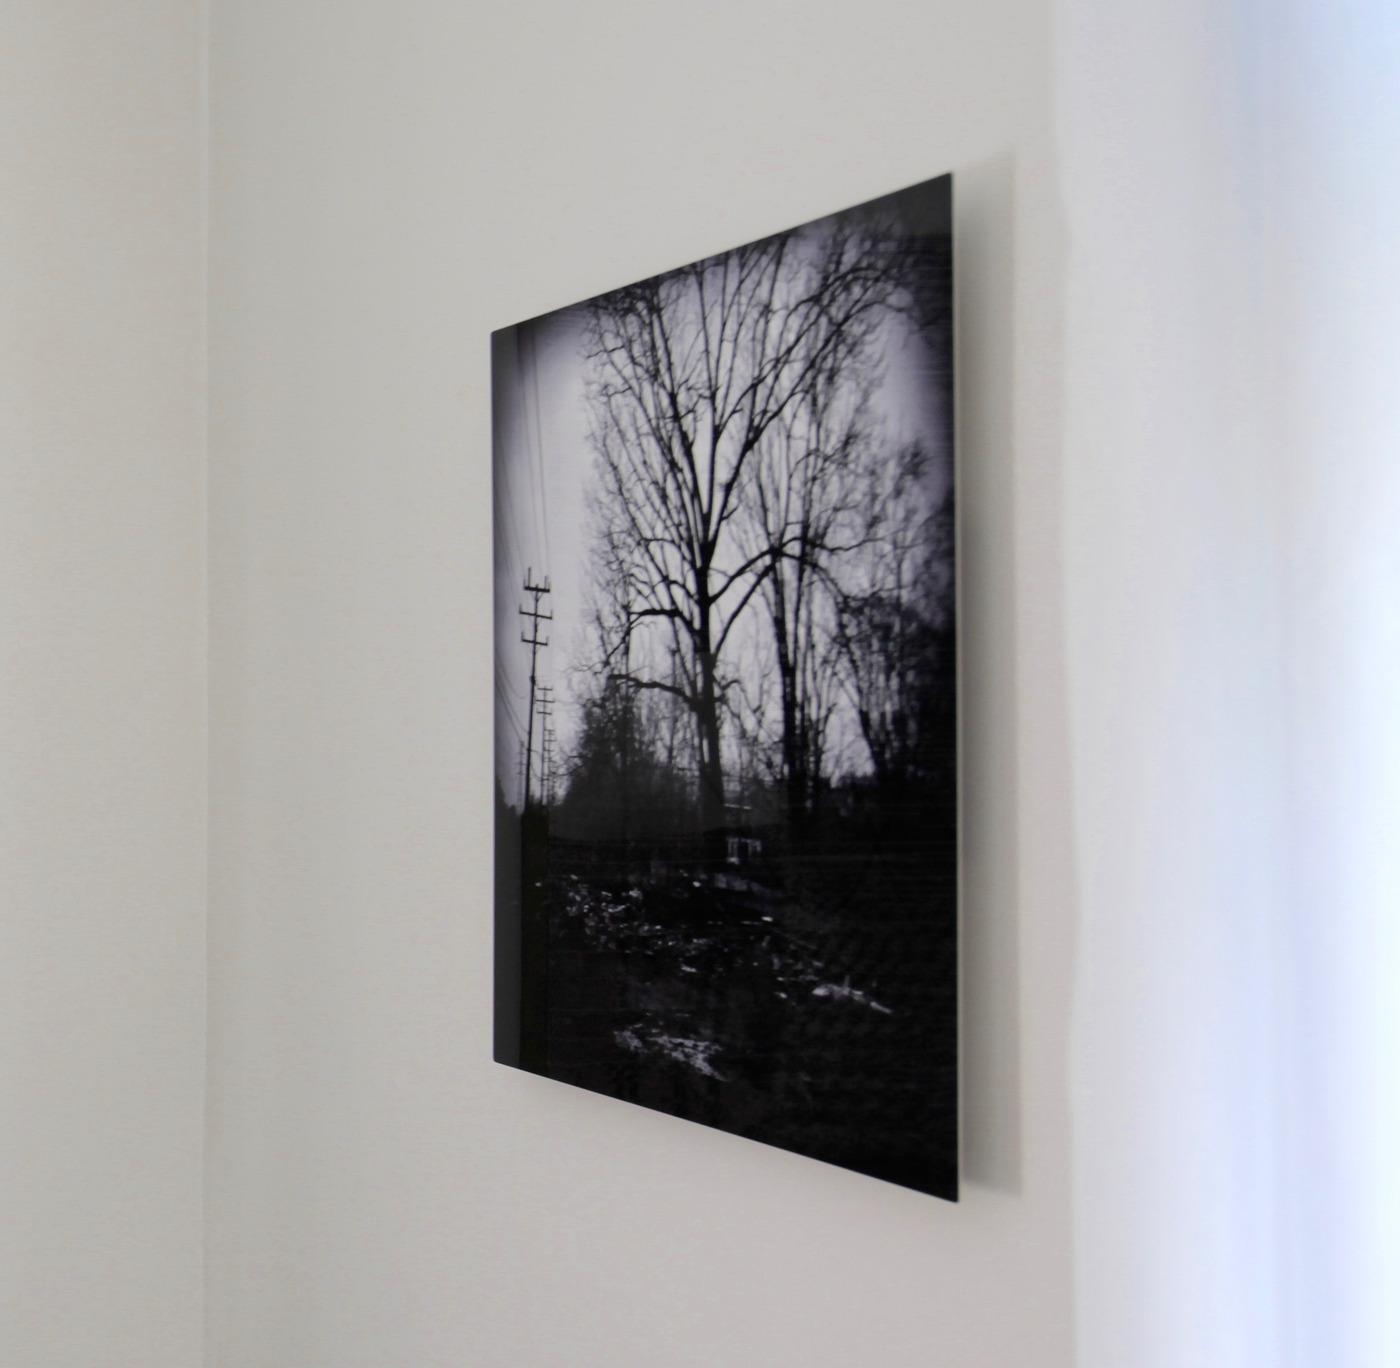 Romain Blanquart – Little House on the Prairie, 1_8, 2014_ digital